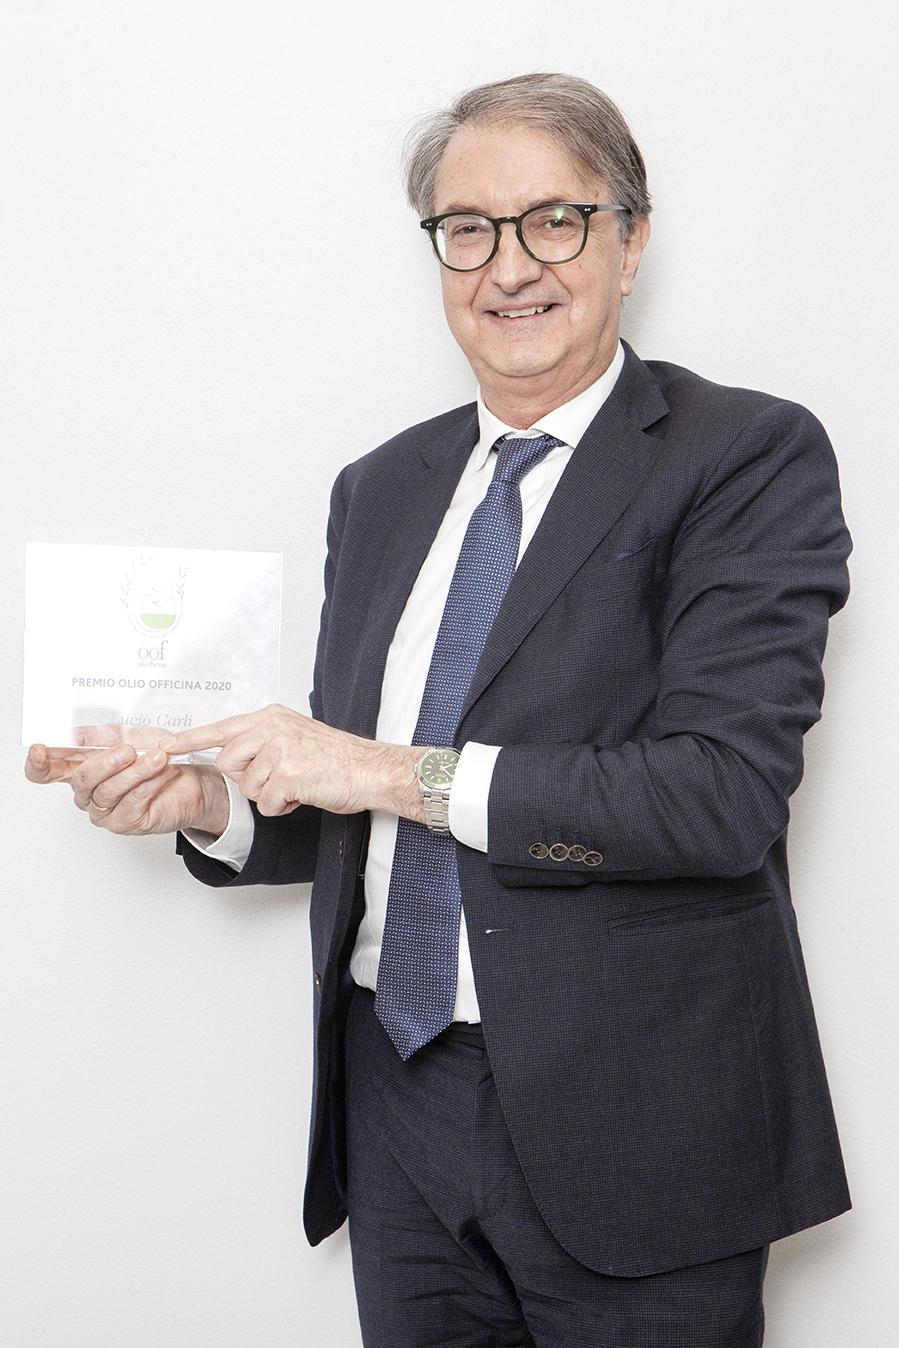 Il Premio Olio Officina cultura dell'olio a Lucio Carli